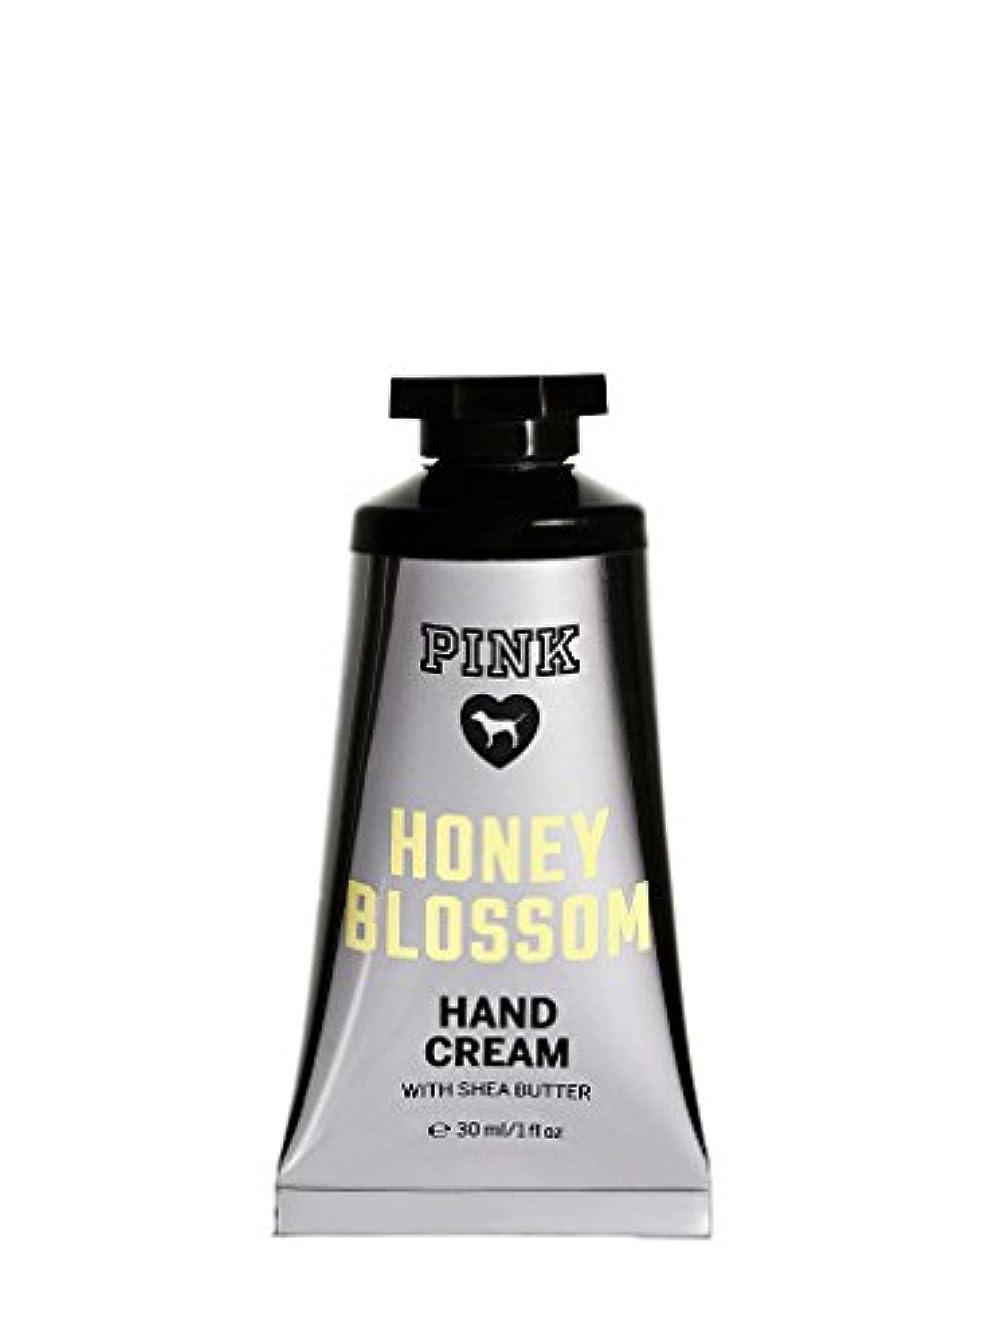 降伏心理的好意VICTORIA'S SECRET ヴィクトリアシークレット/ビクトリアシークレット PINK ハニーブロッサム ハンドクリーム/PINK HAND CREAM [並行輸入品]